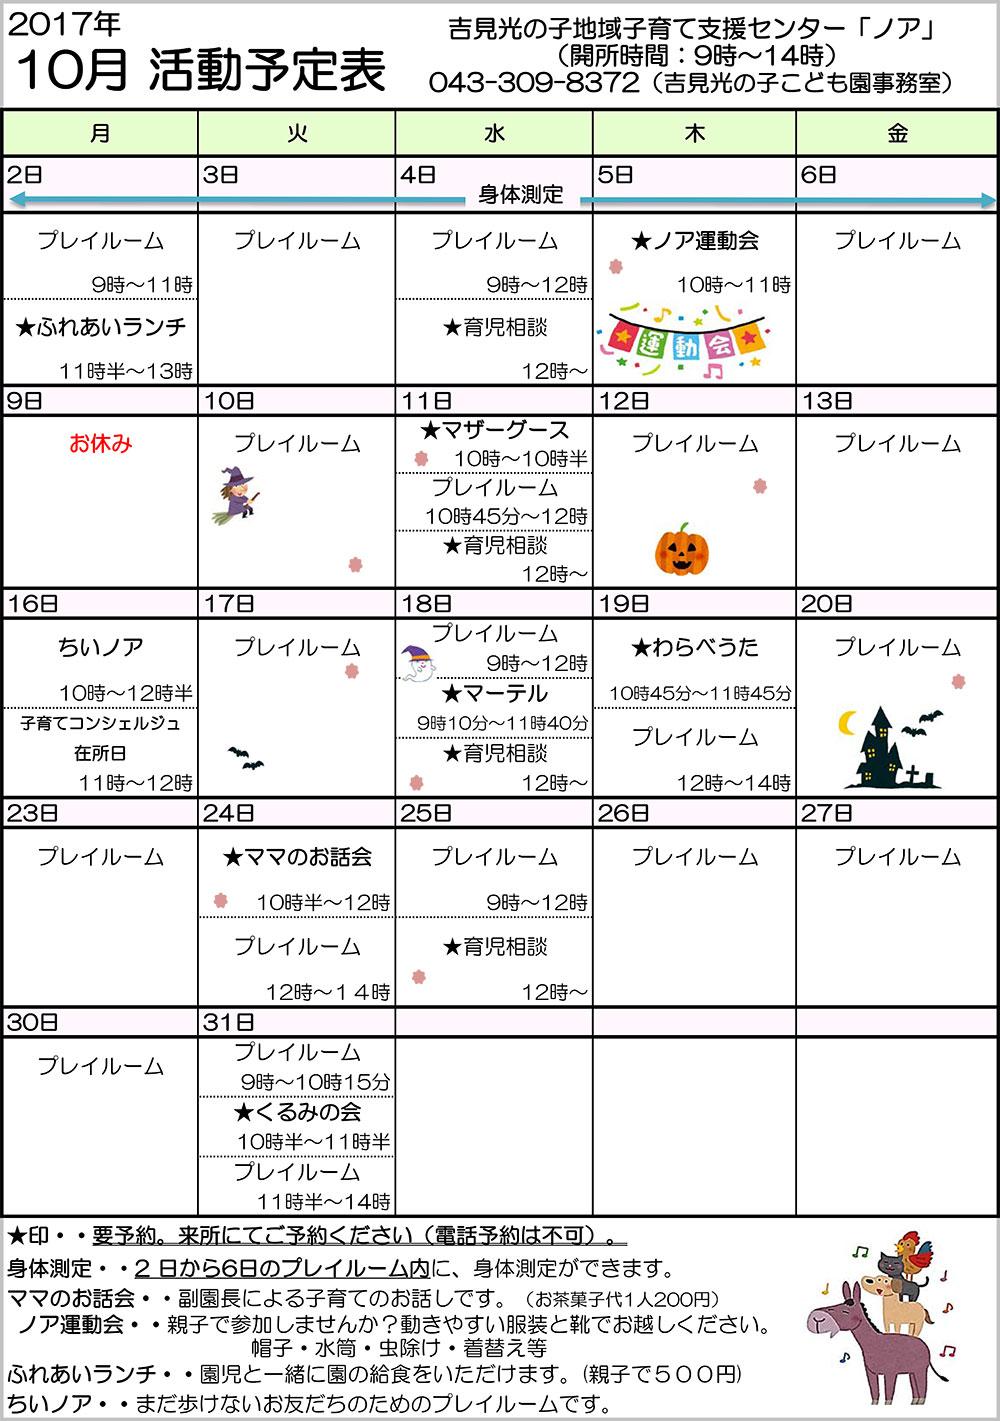 10月ノア活動予定表